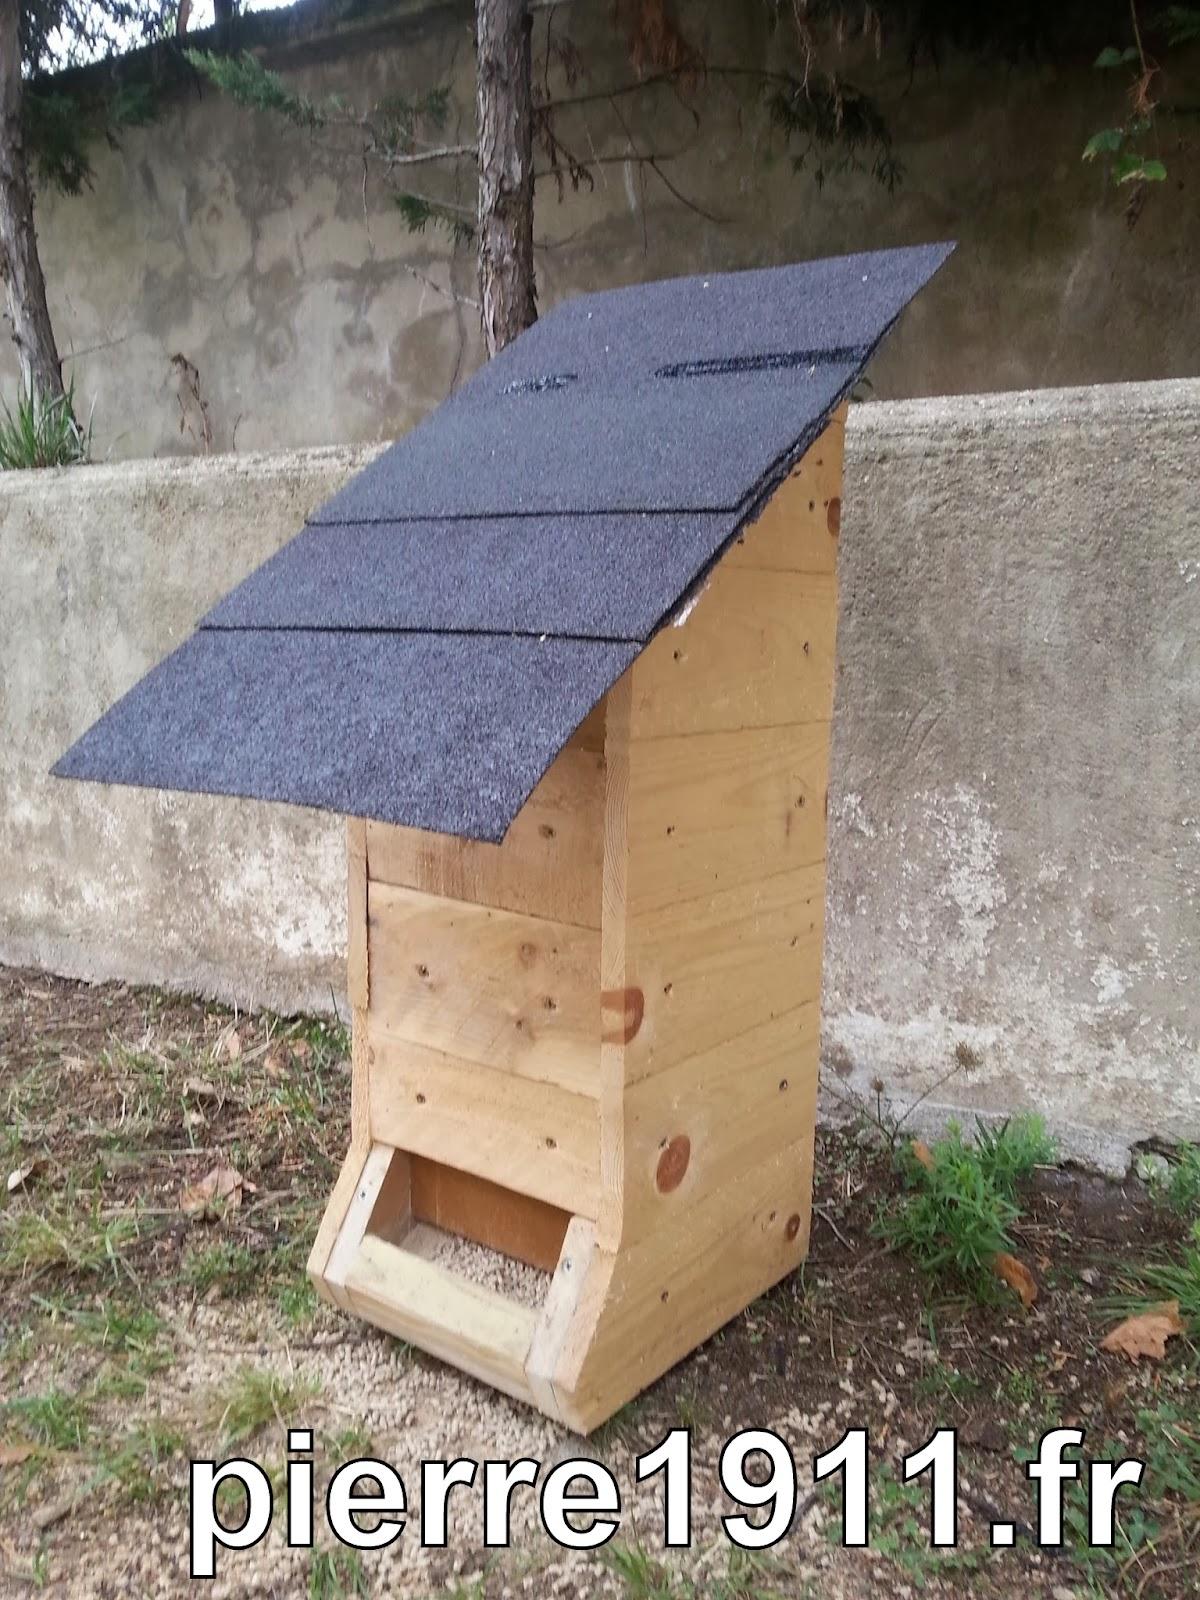 mangeoire pour poules en mati res recycl es autonomie alimentaire et nerg tique. Black Bedroom Furniture Sets. Home Design Ideas